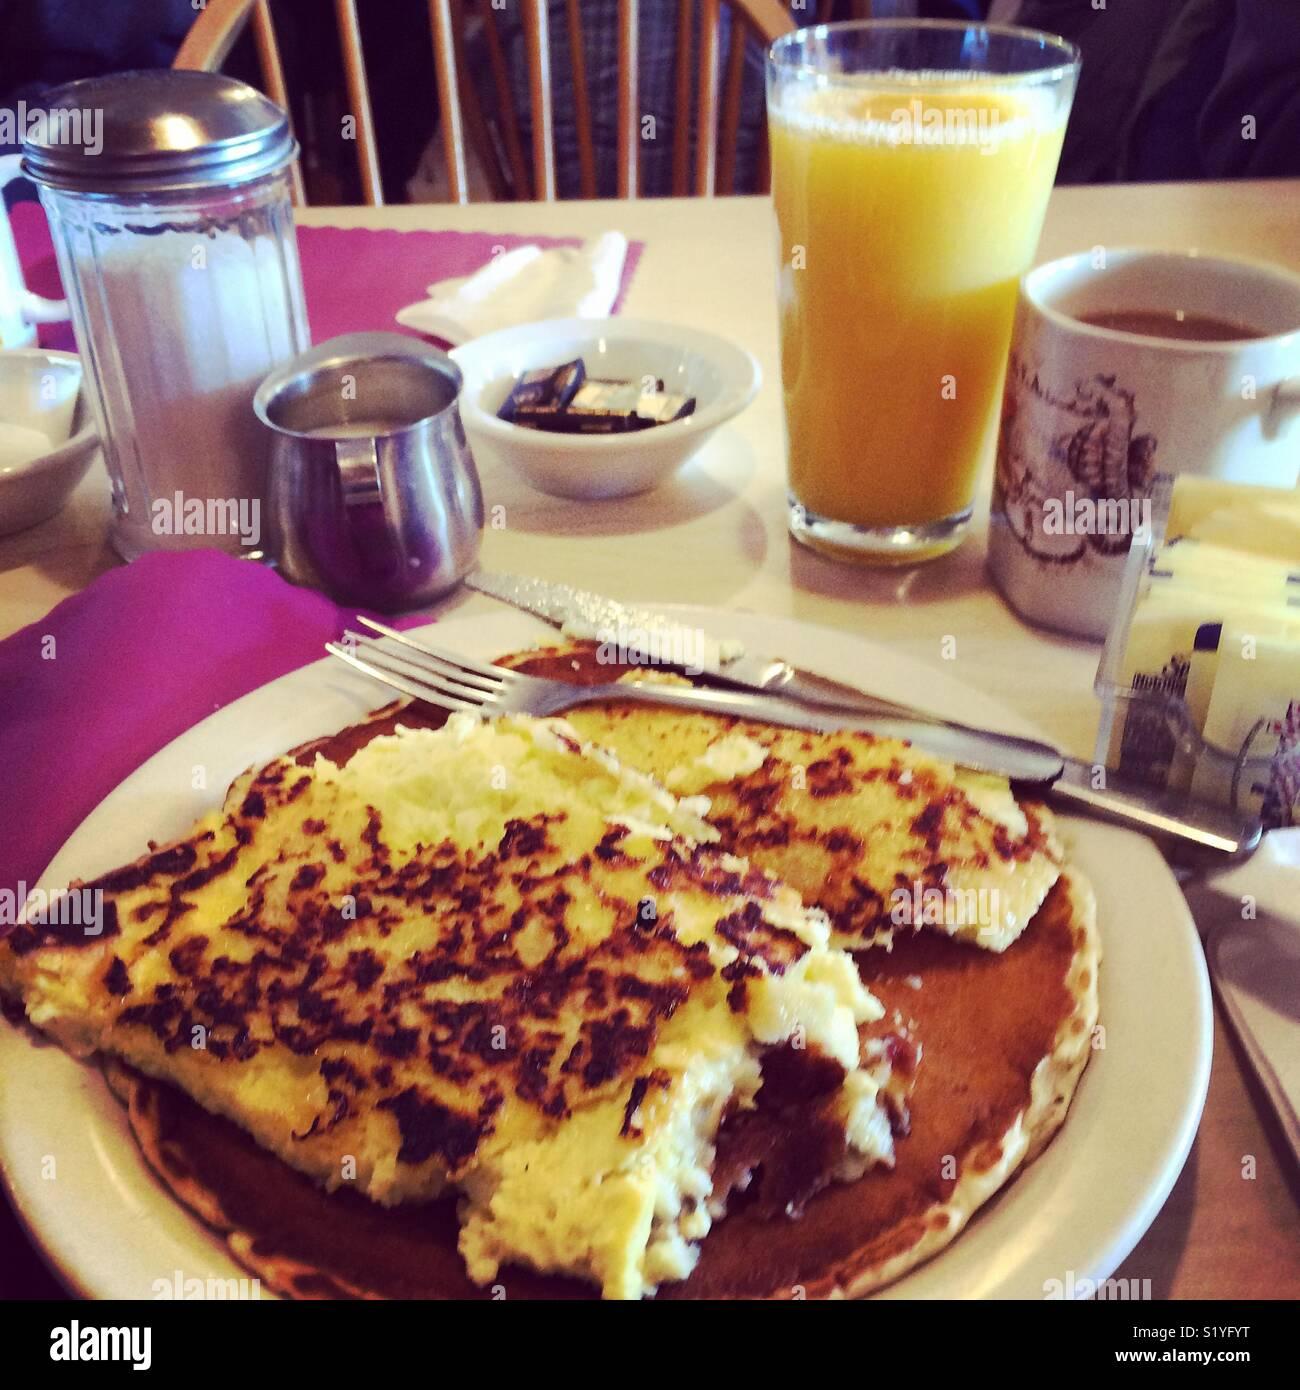 Breakfast at Davenport Maple Farm, Shelburne, Massachusetts - Stock Image